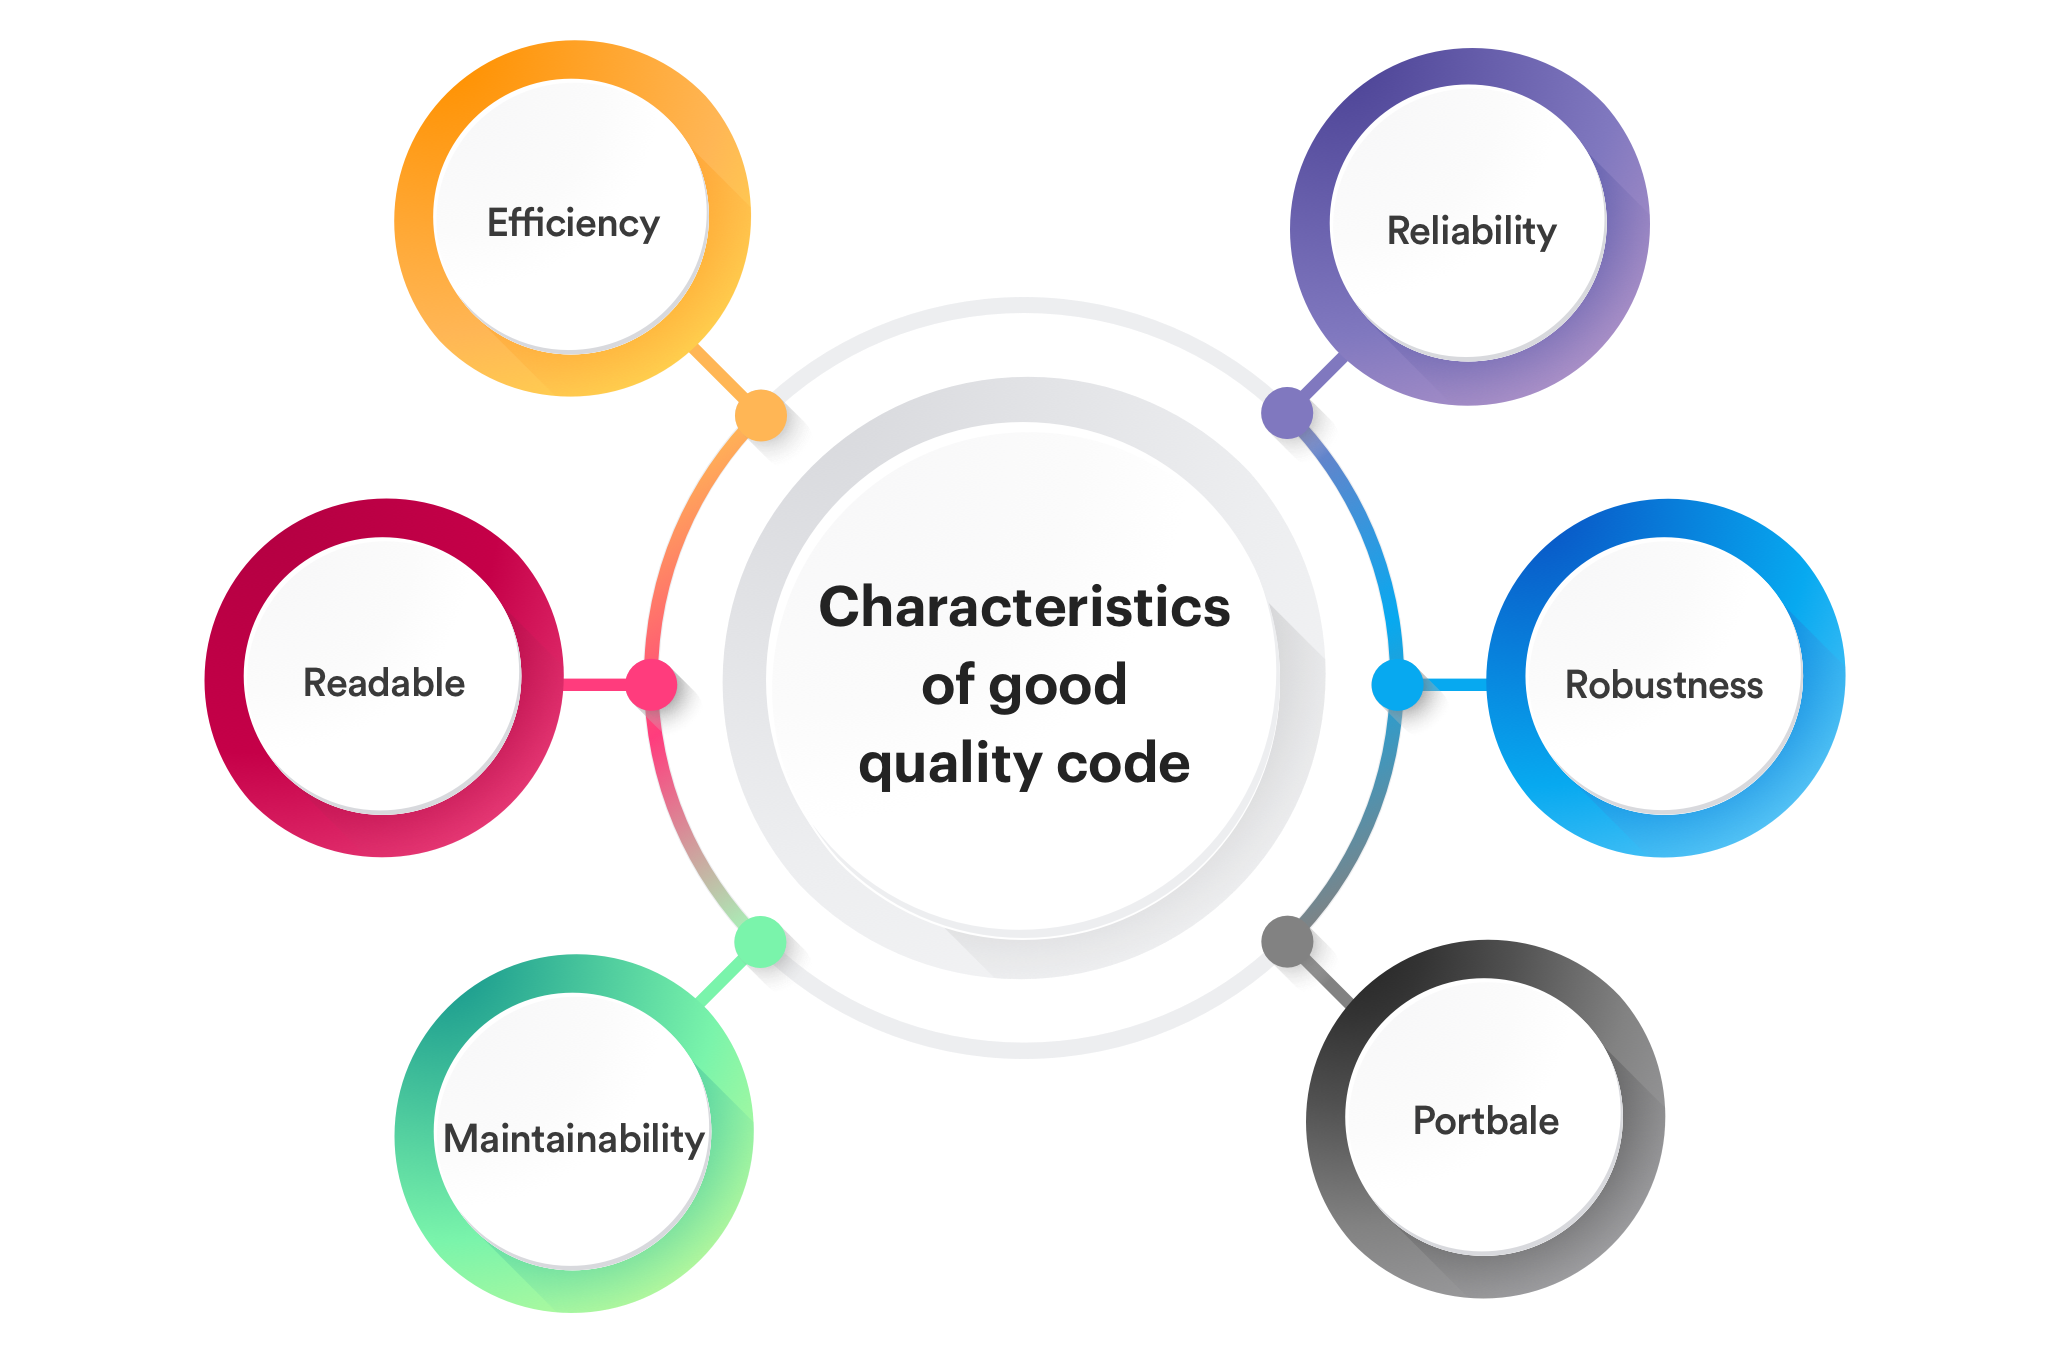 characteristics of good quality code